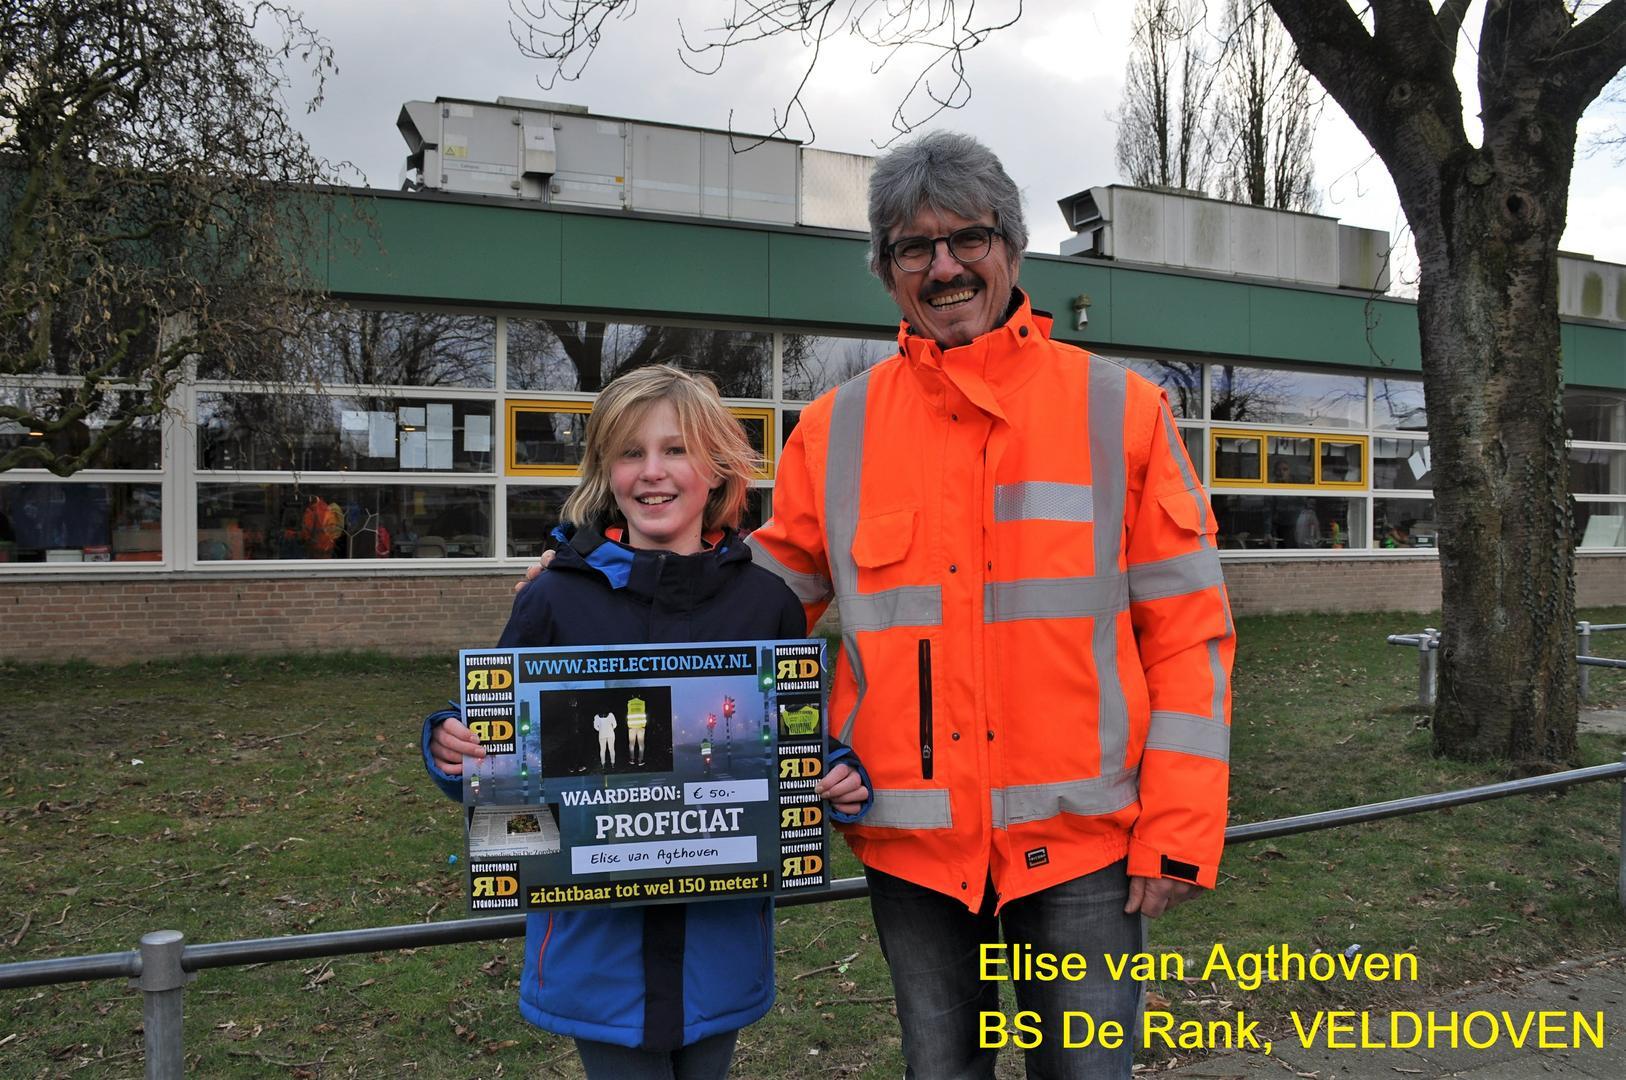 RD Elise van Agthoven Veldhoven